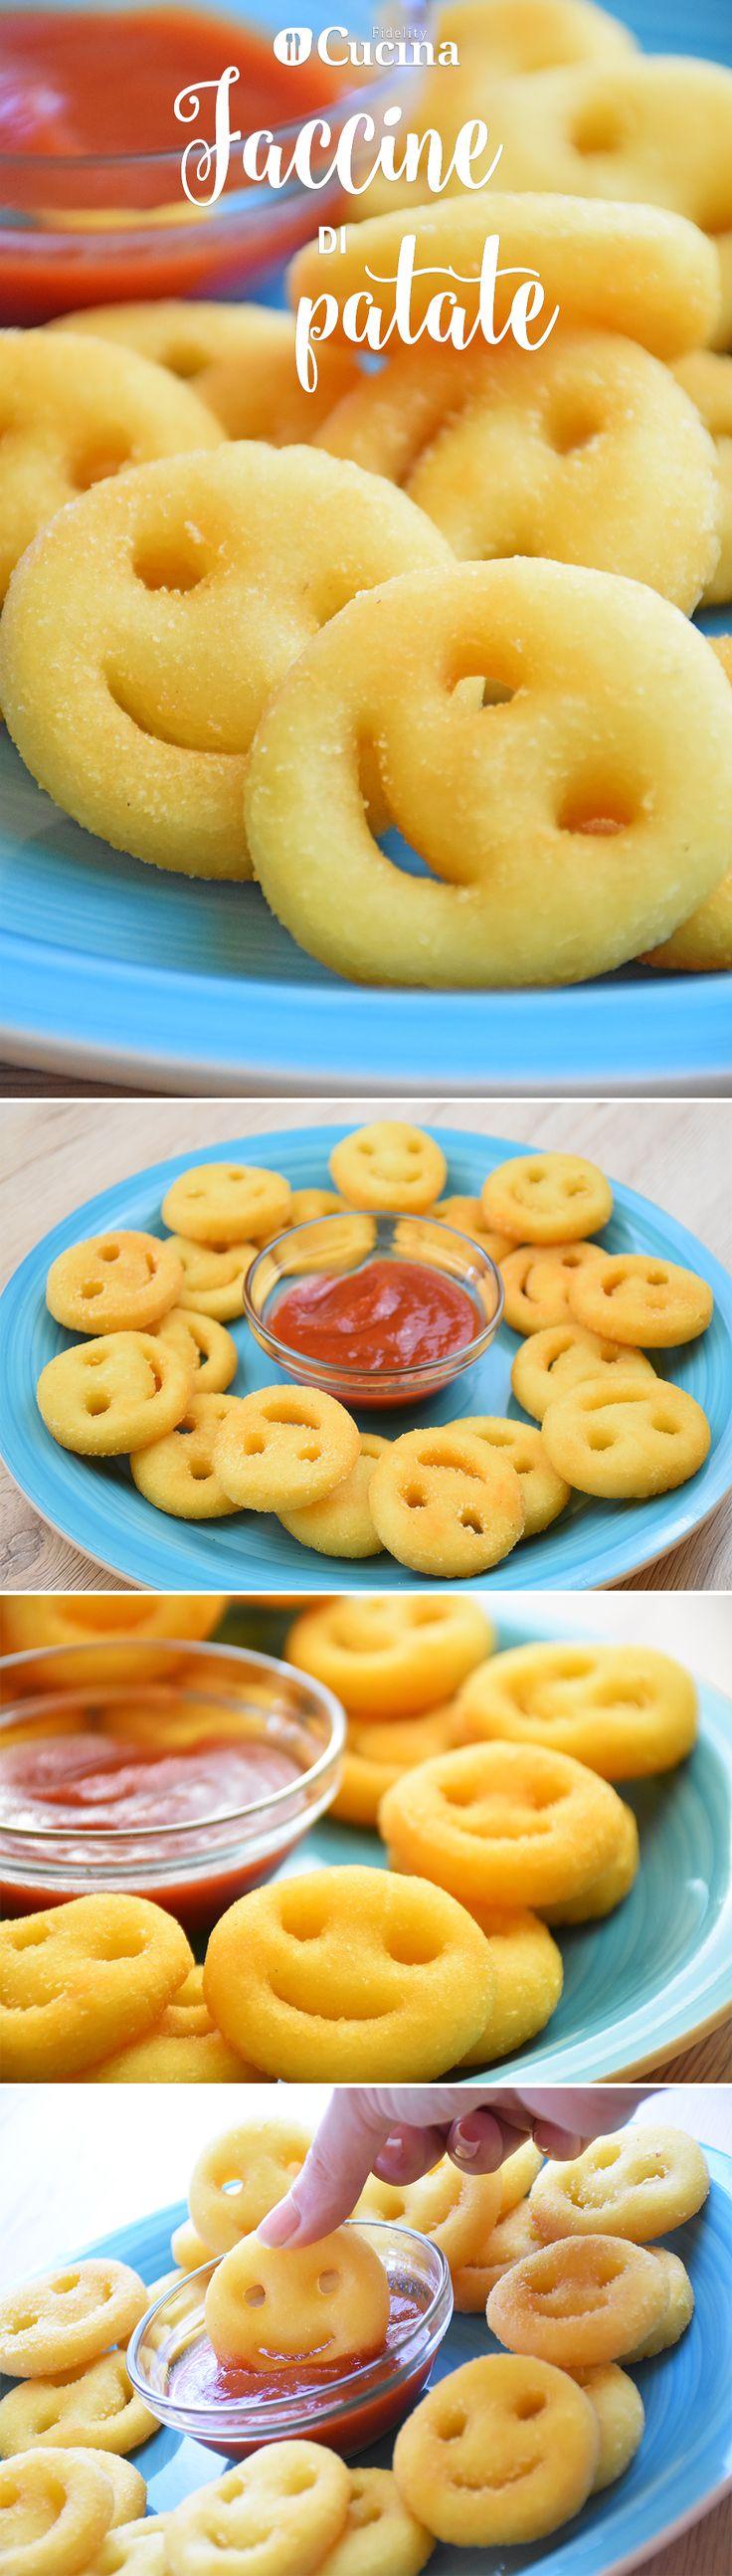 Le faccine di #patate sono un contorno amatissimo dai più piccoli, facile da realizzare ma di sicuro successo. Ecco la #videoricetta